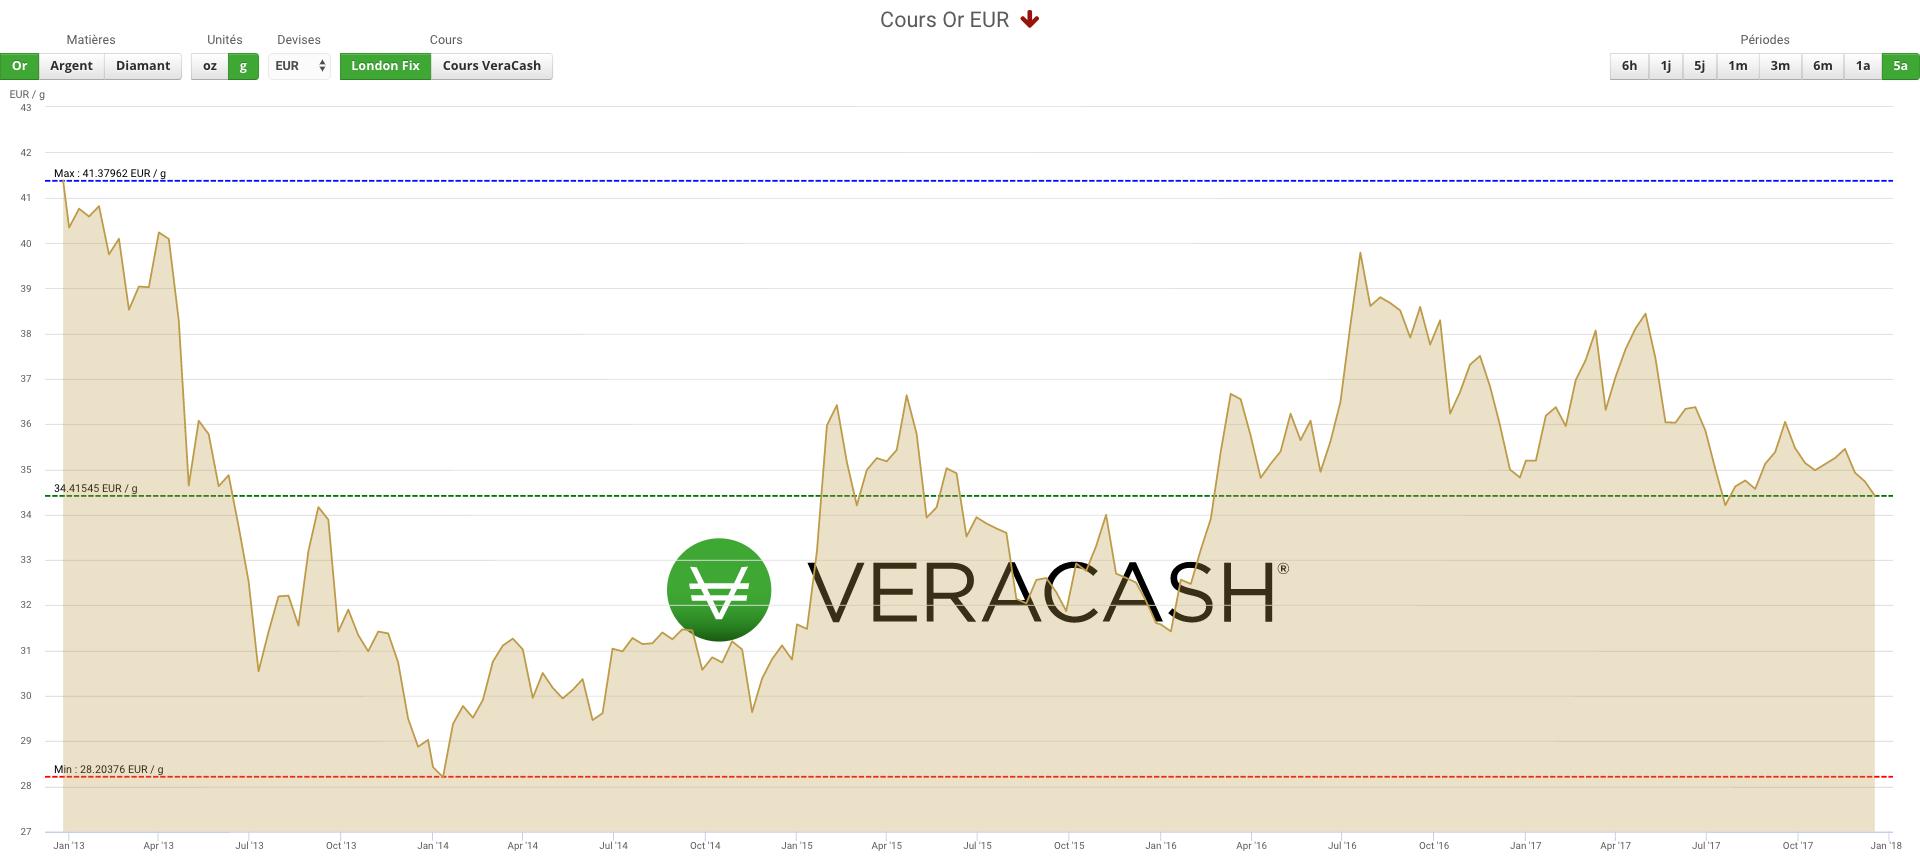 VeraCash : Cours de l'or sur 5 ans